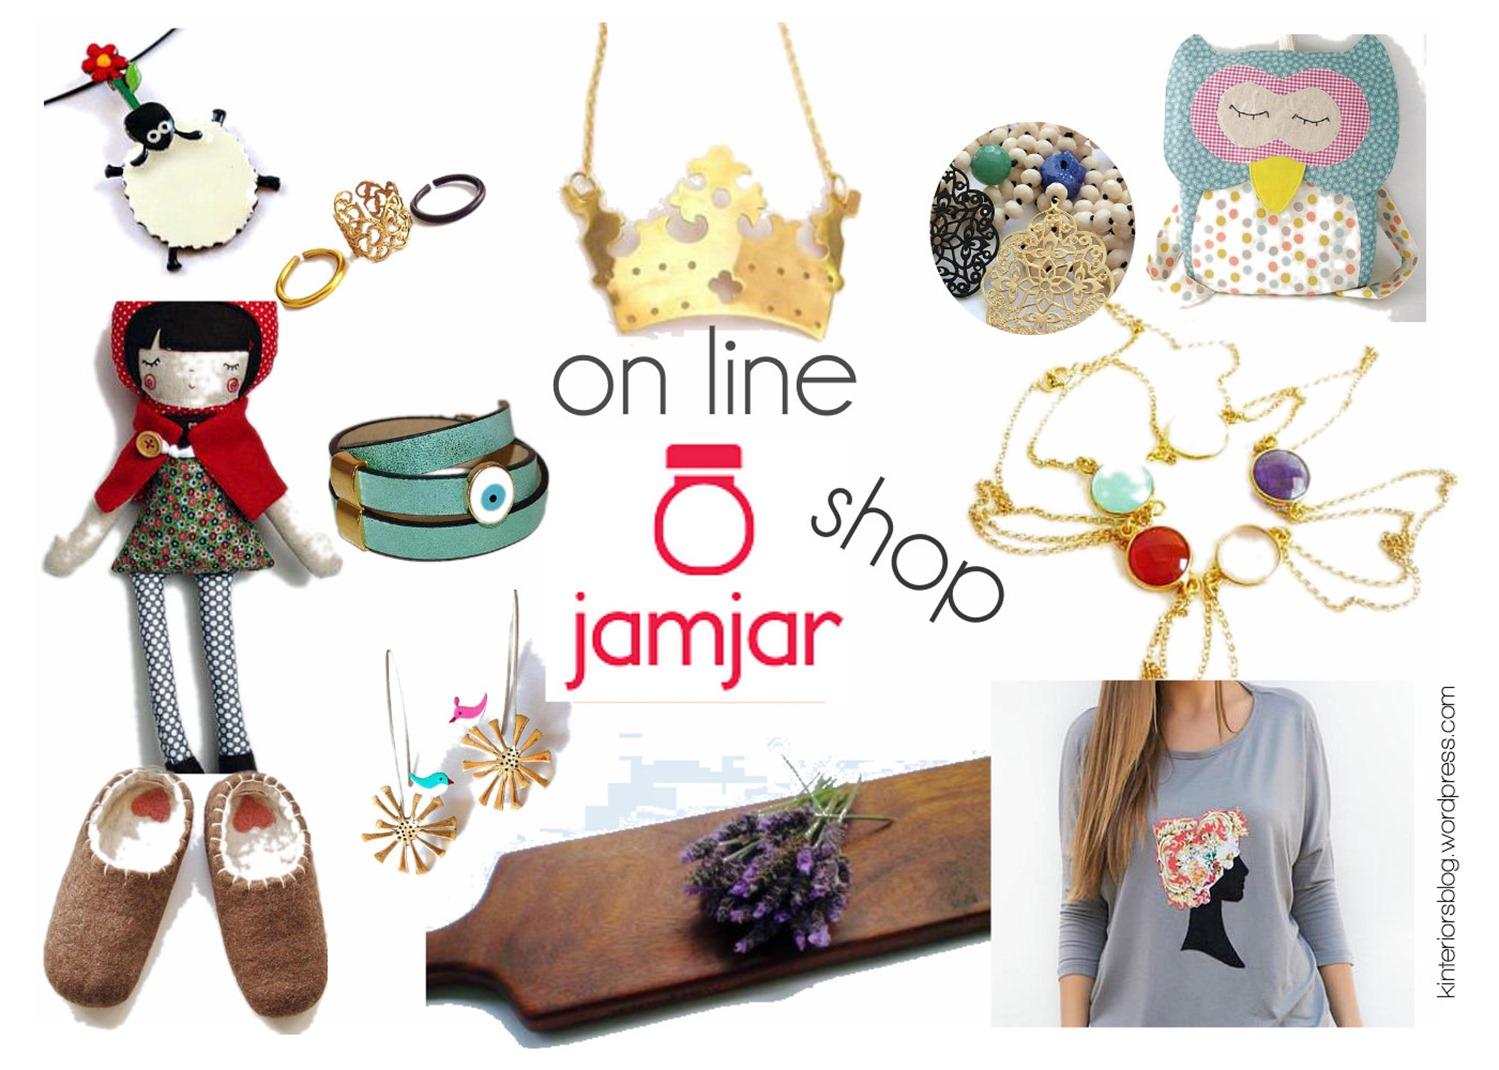 jamjar, online shopping, ελληνικό διαδυκτικό κατάστημα, χεροποίτα αντικείμενα, χειροποίτα δώρα, handmade